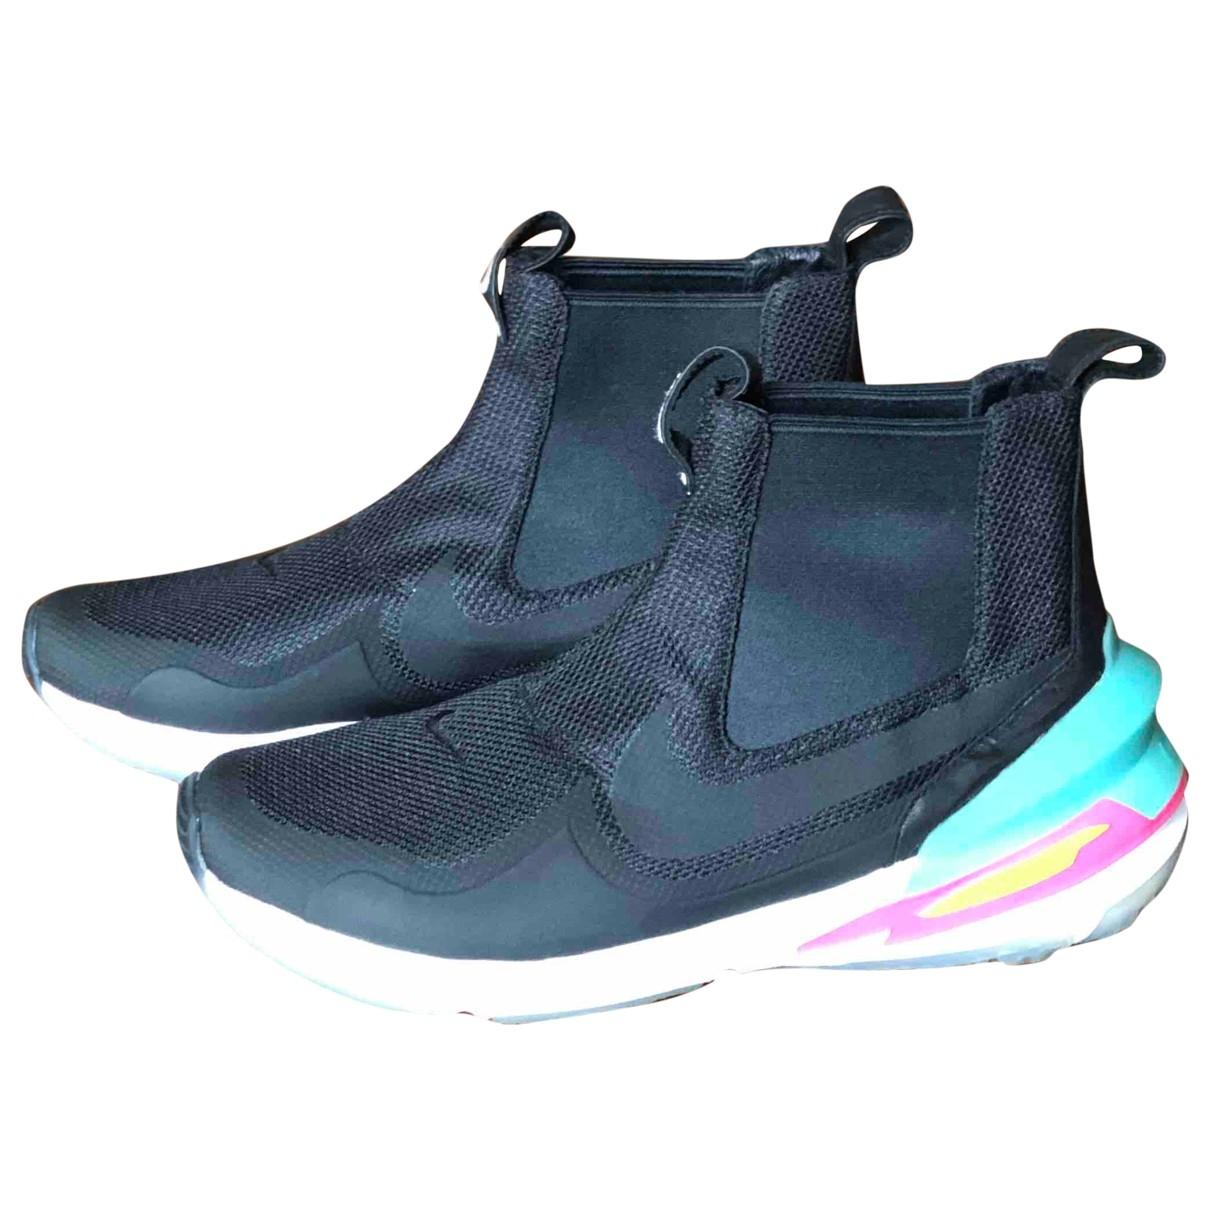 Nike By Riccardo Tisci - Baskets   pour homme en toile - noir